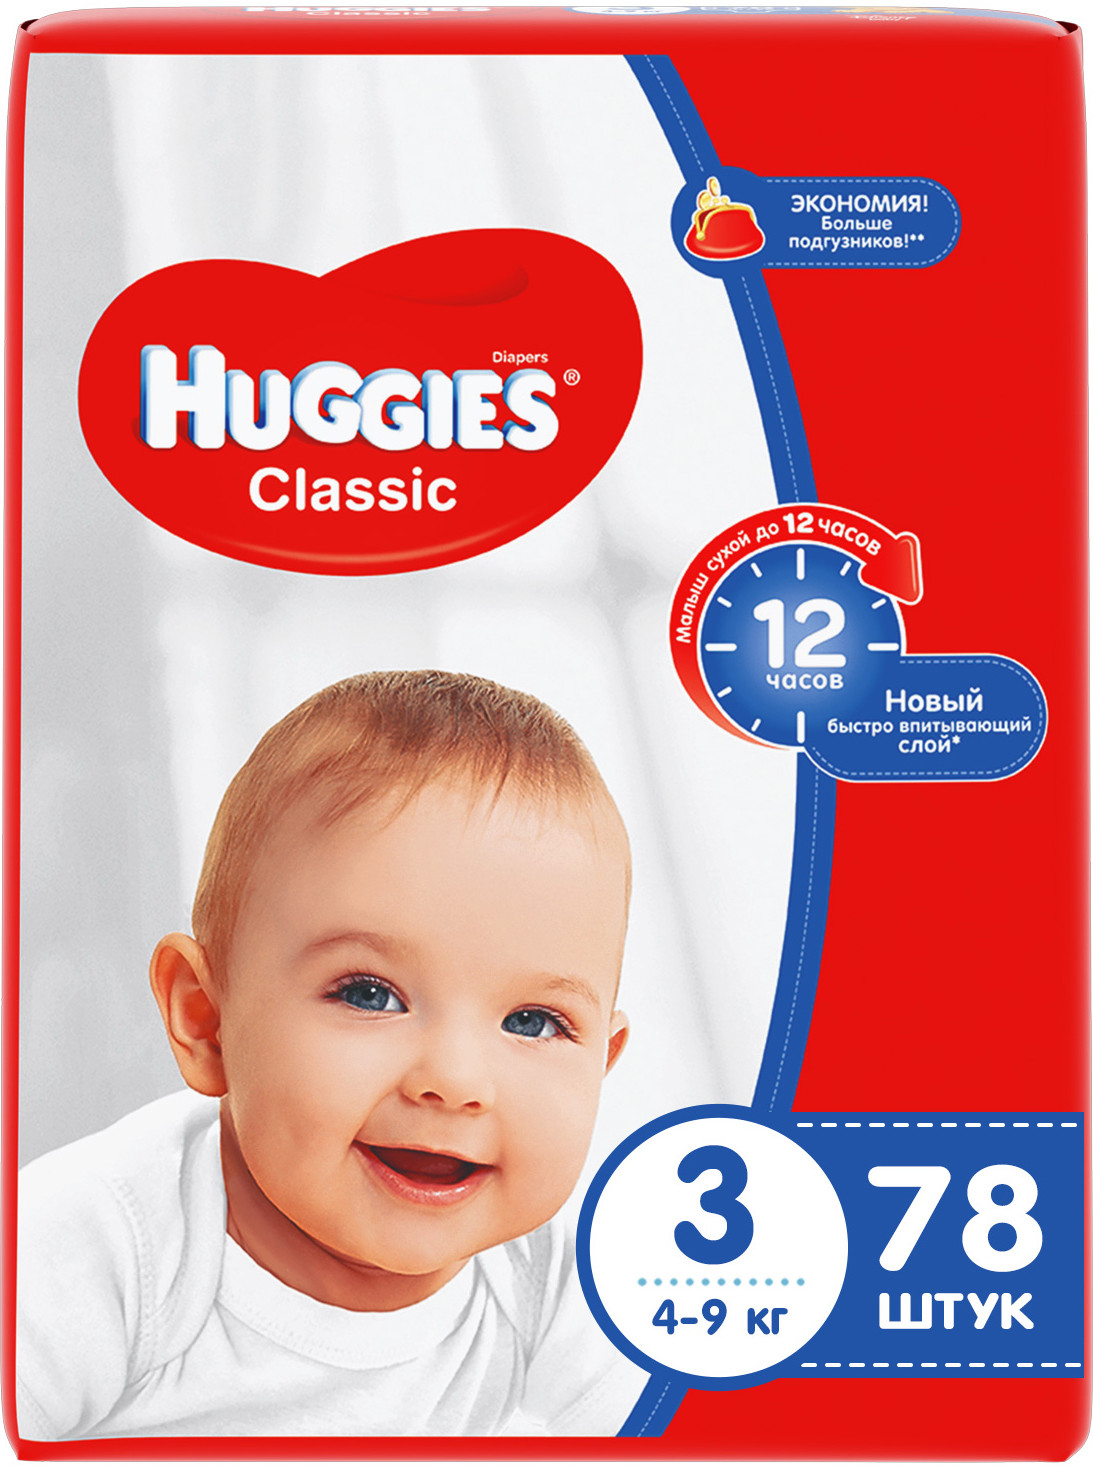 Подгузники Huggies Подгузники Huggies Classic 3 (4-9 кг) 78 шт.